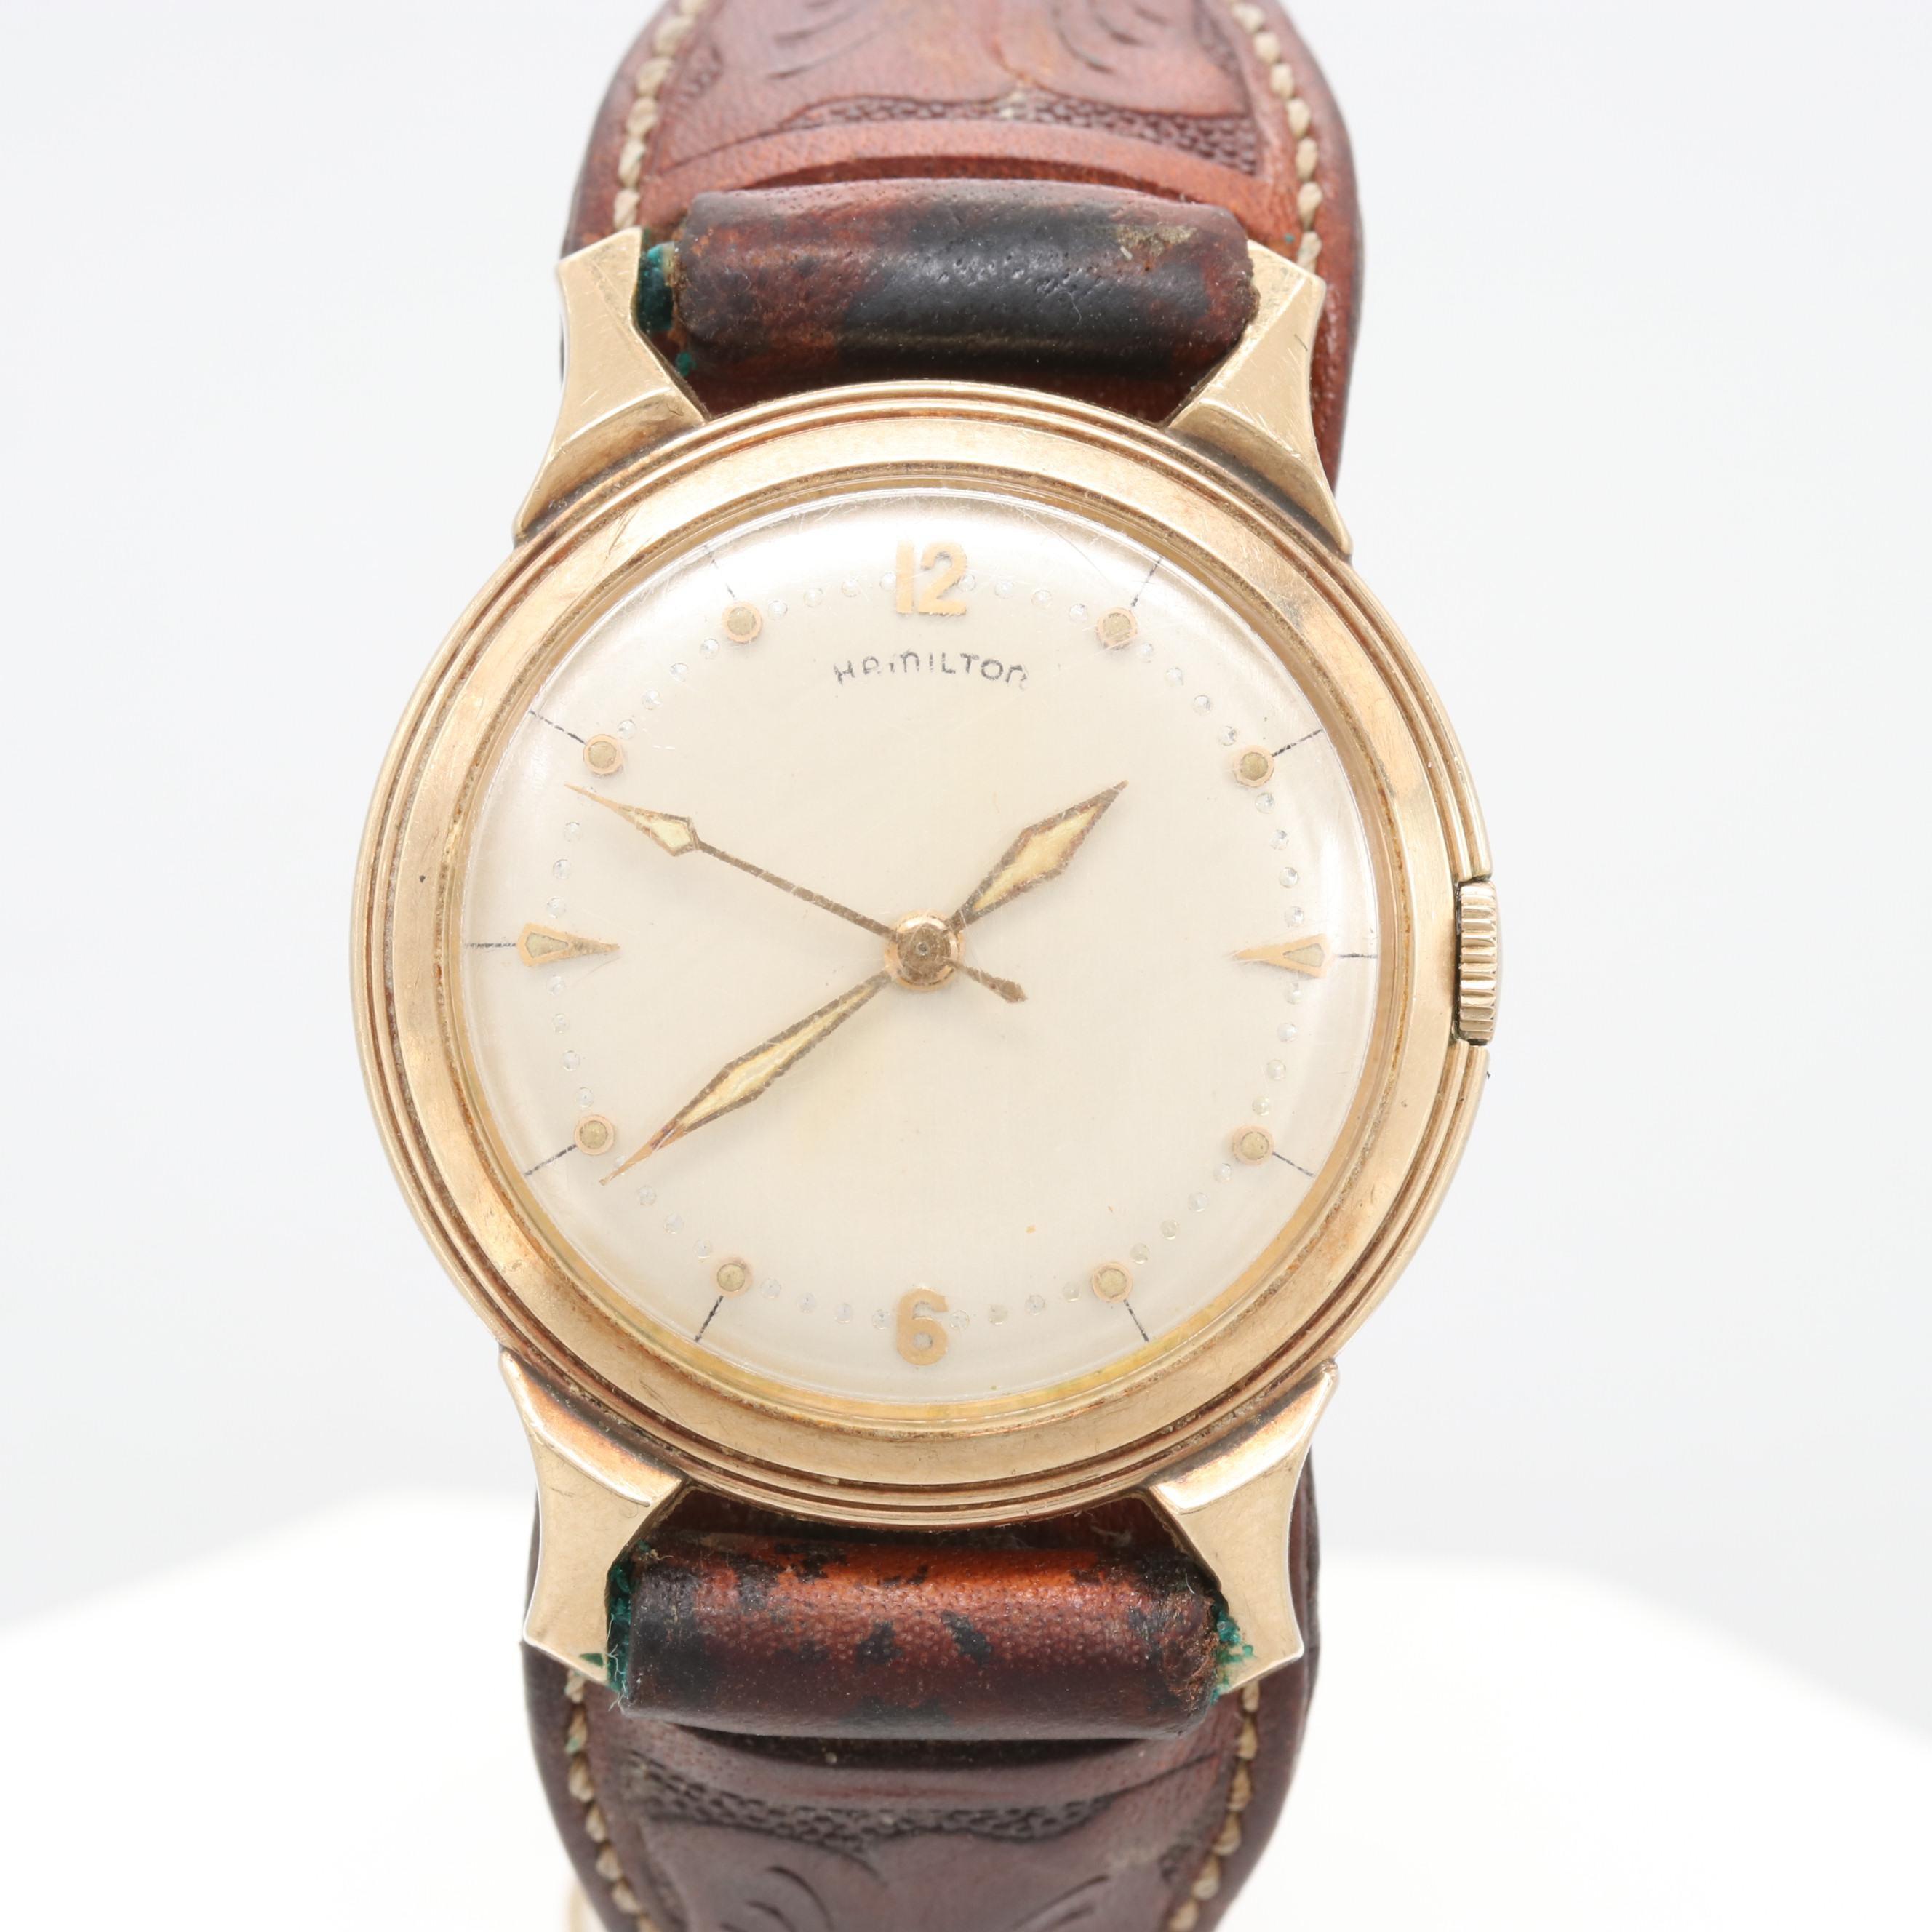 Hamilton Gold Tone Wristwatch With Cuff Style Bracelet